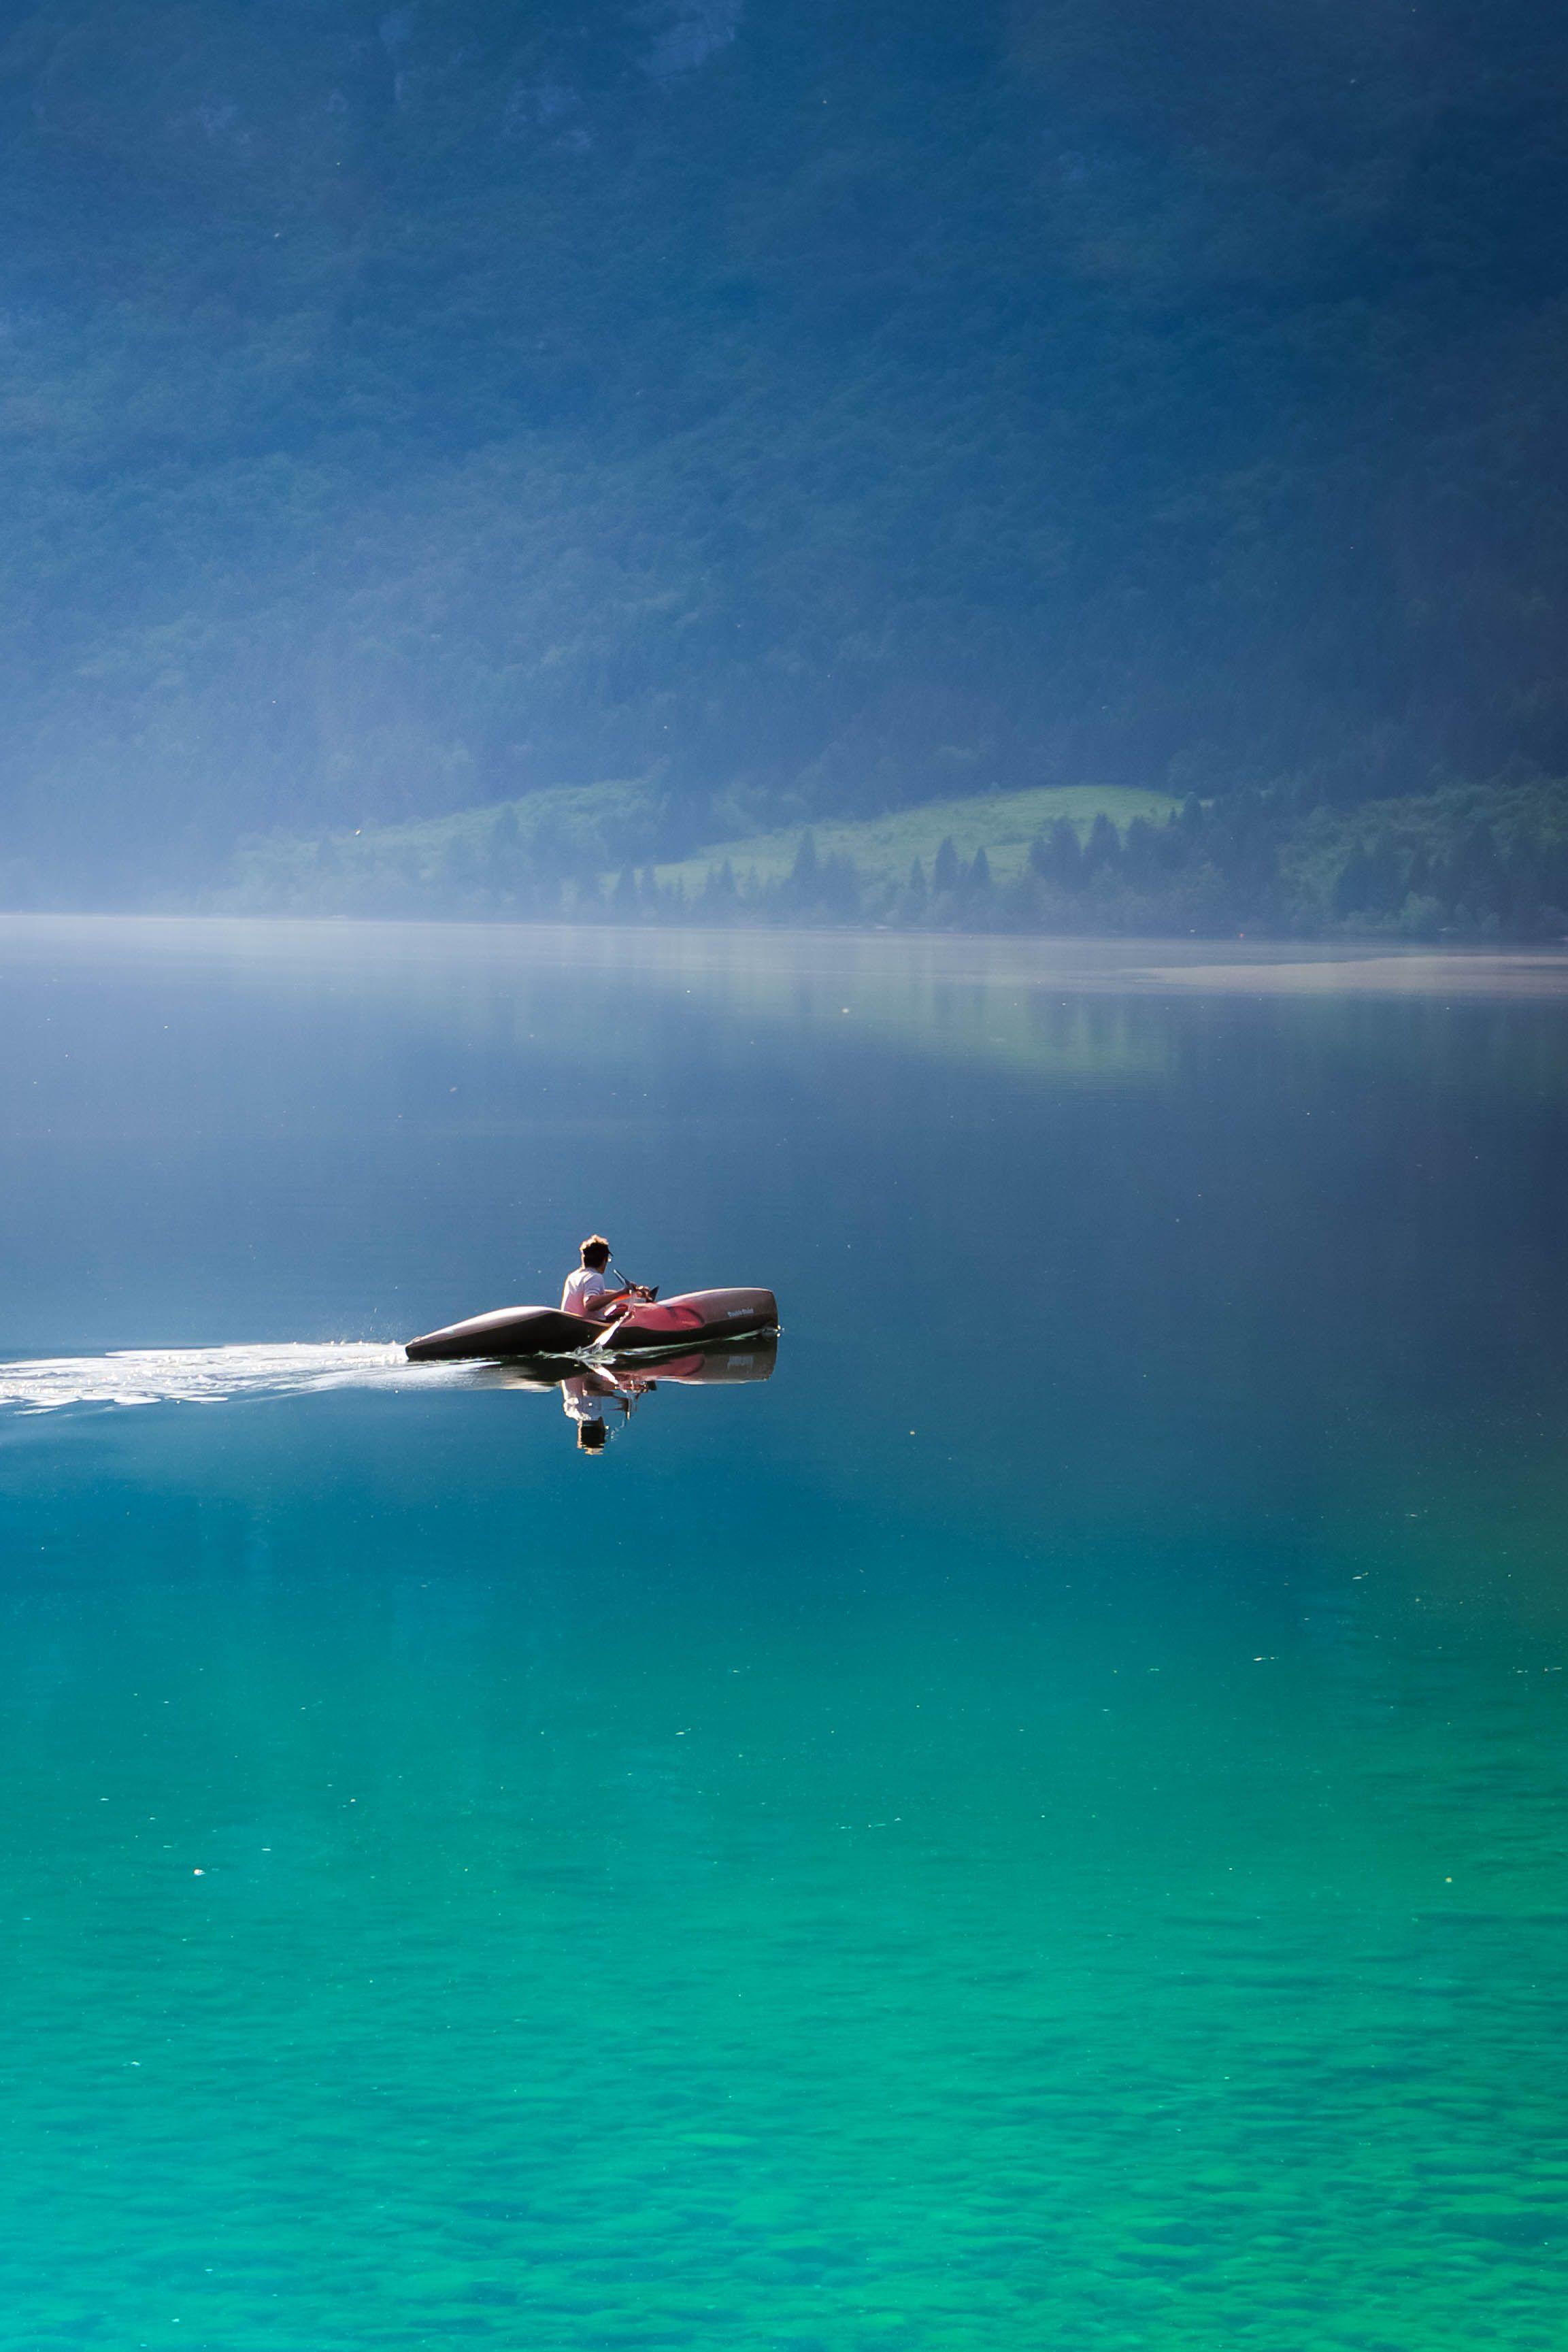 Kayaking on the lake - Lake Bohinj